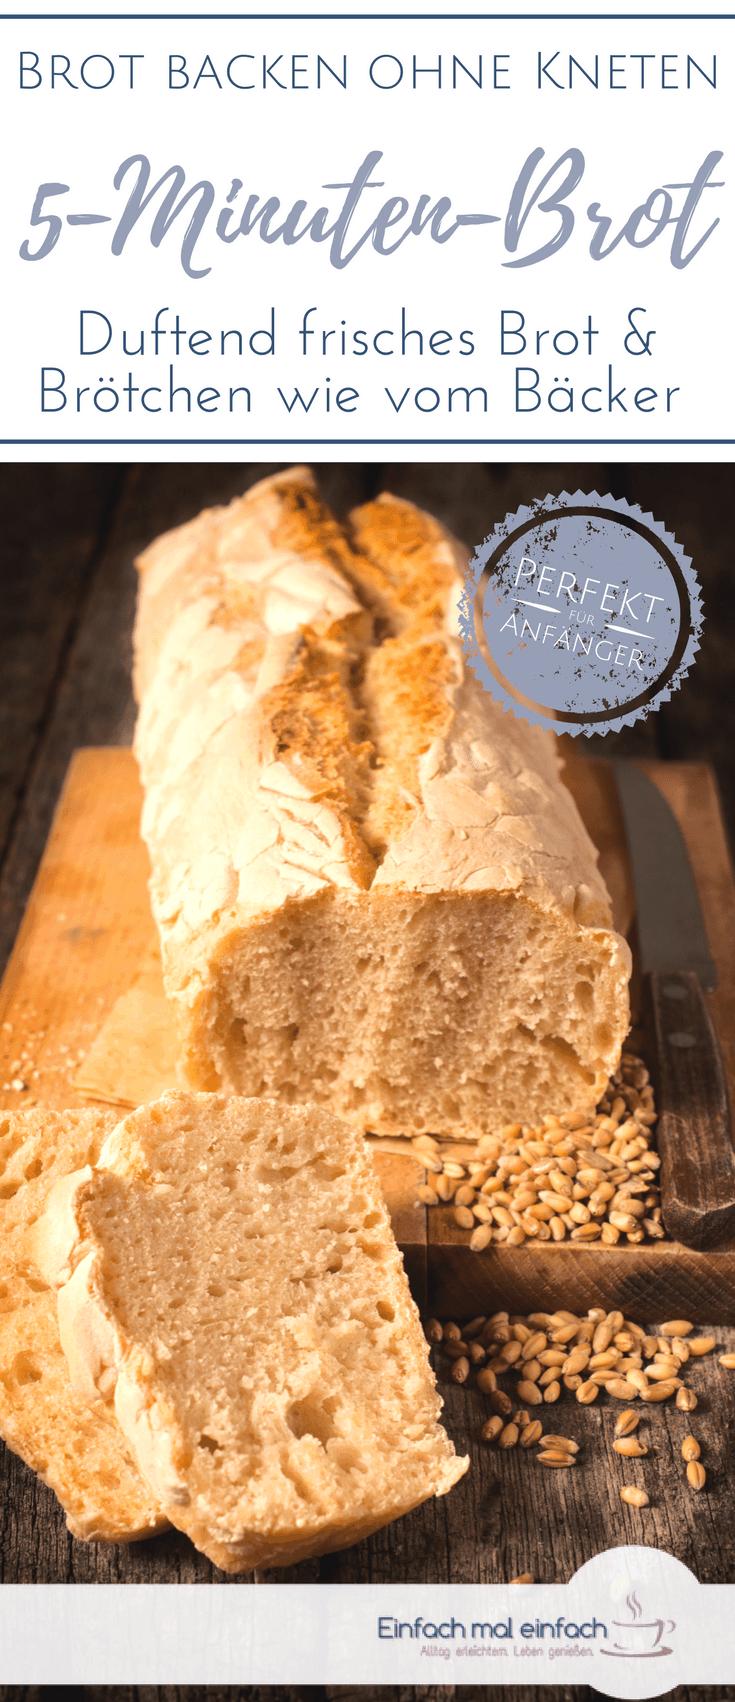 Brotscheiben mit Brot und Backschale im Hintergrund auf grauem Tuch und hölzernem Schneidbrett.